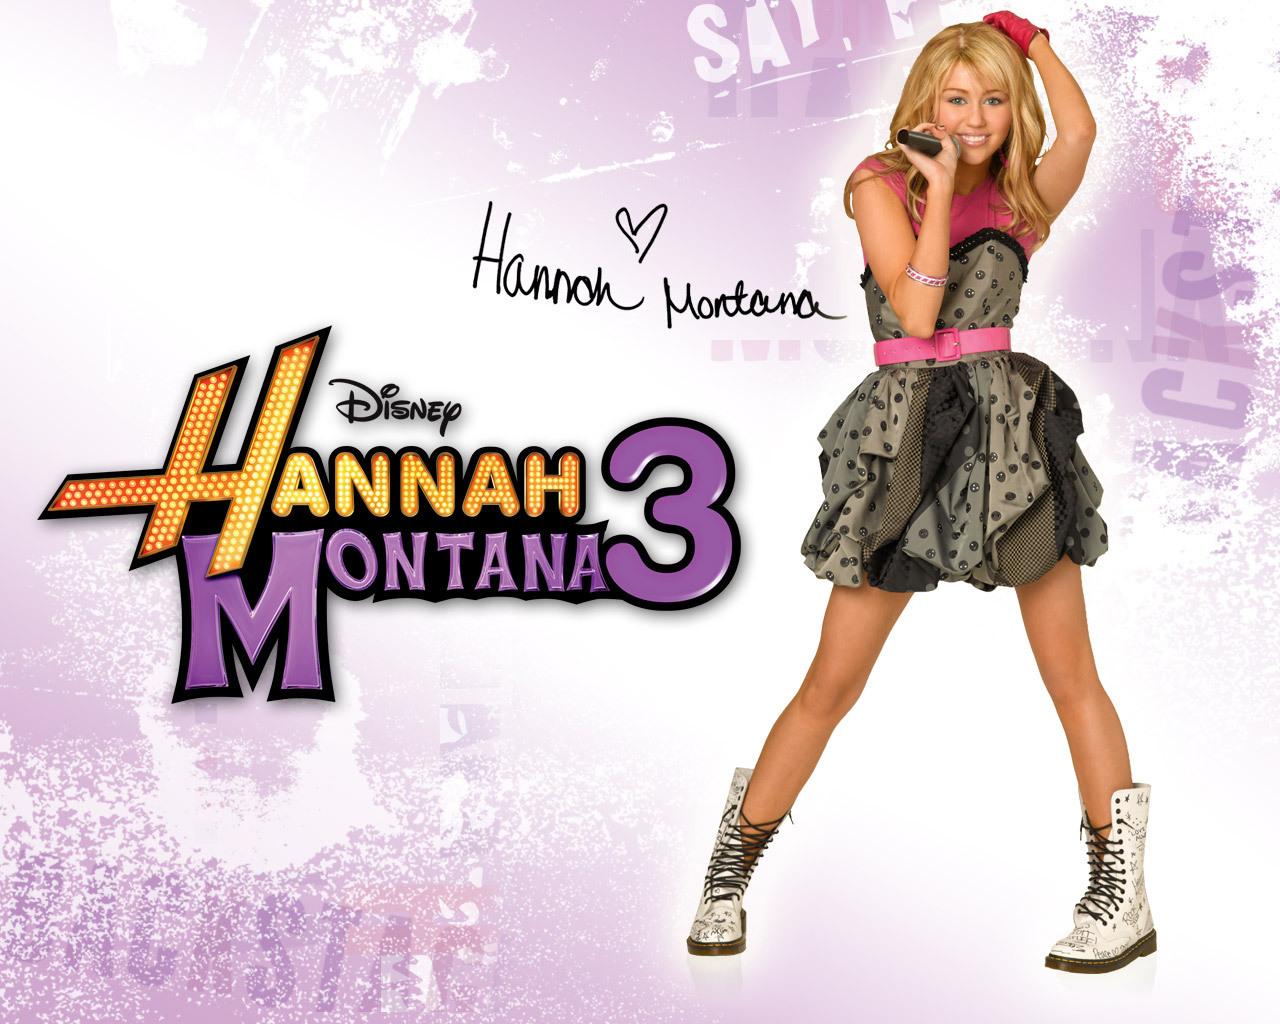 http://3.bp.blogspot.com/_0vPFf9U7KxE/S7qMffdFb_I/AAAAAAAABRw/cJNCmOUCC7Y/s1600/Hannah-Montana-3-hannah-montana-7061289-1280-1024.jpg